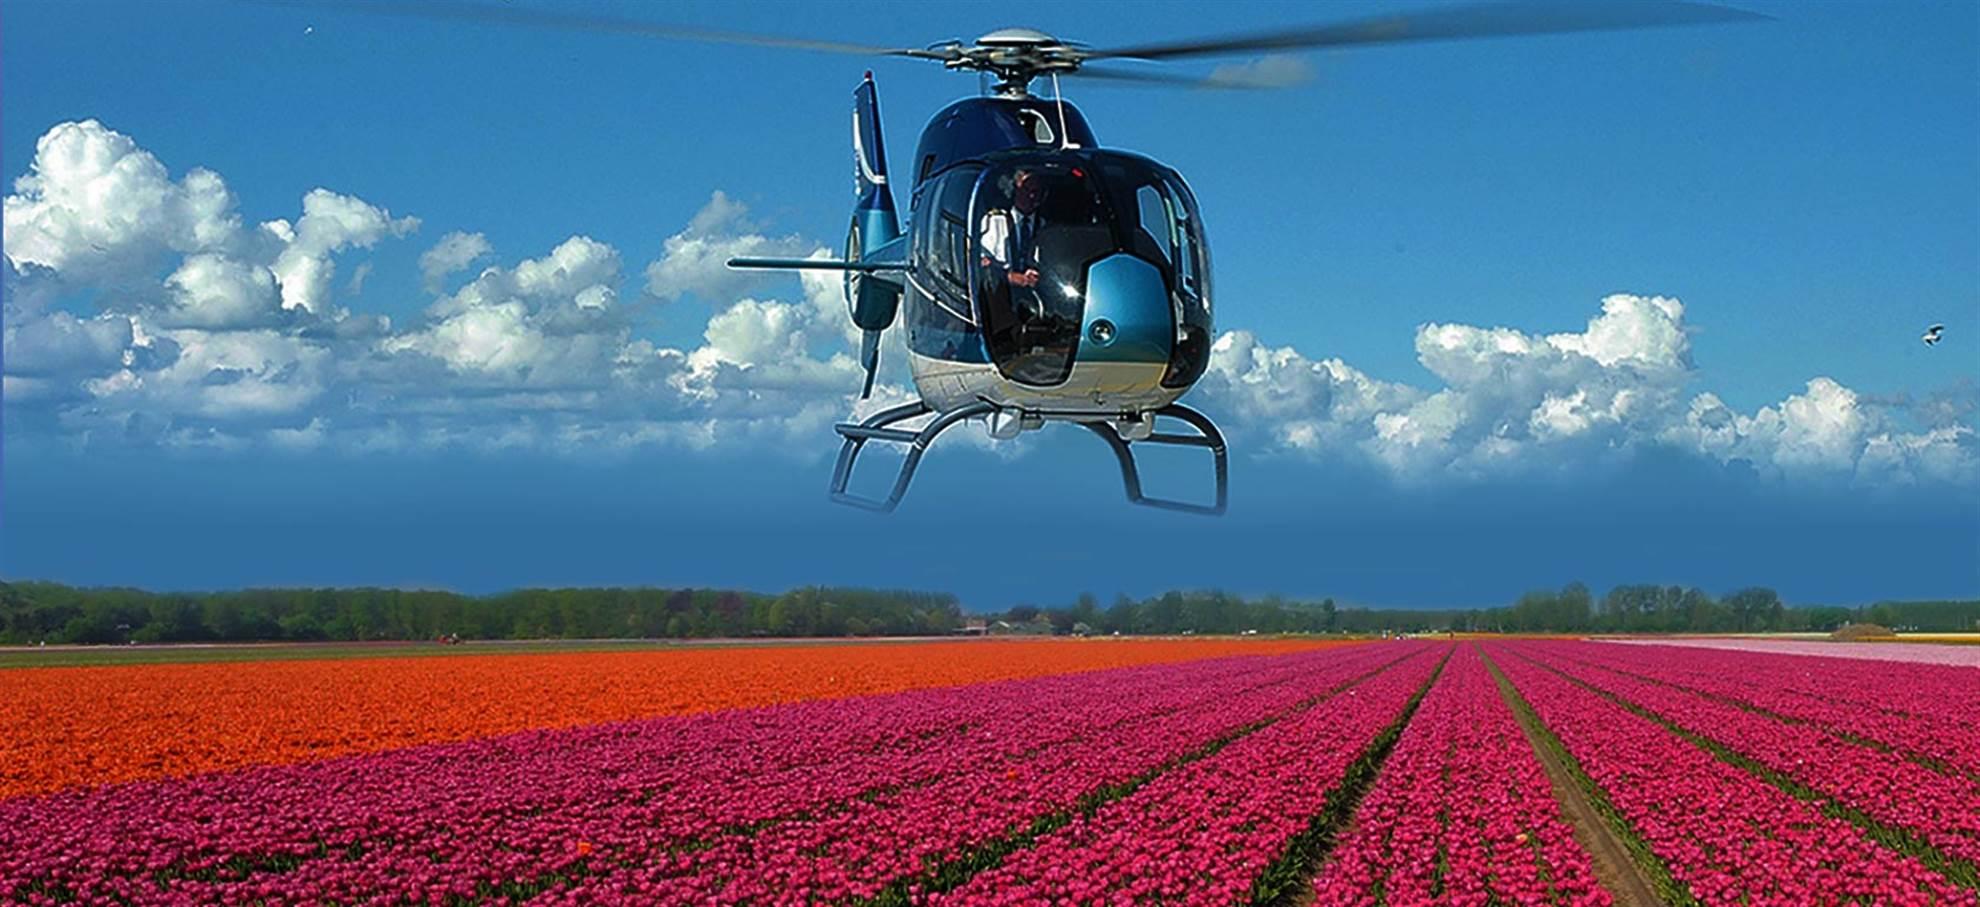 Hubschrauberflug über die Tulpenfelder